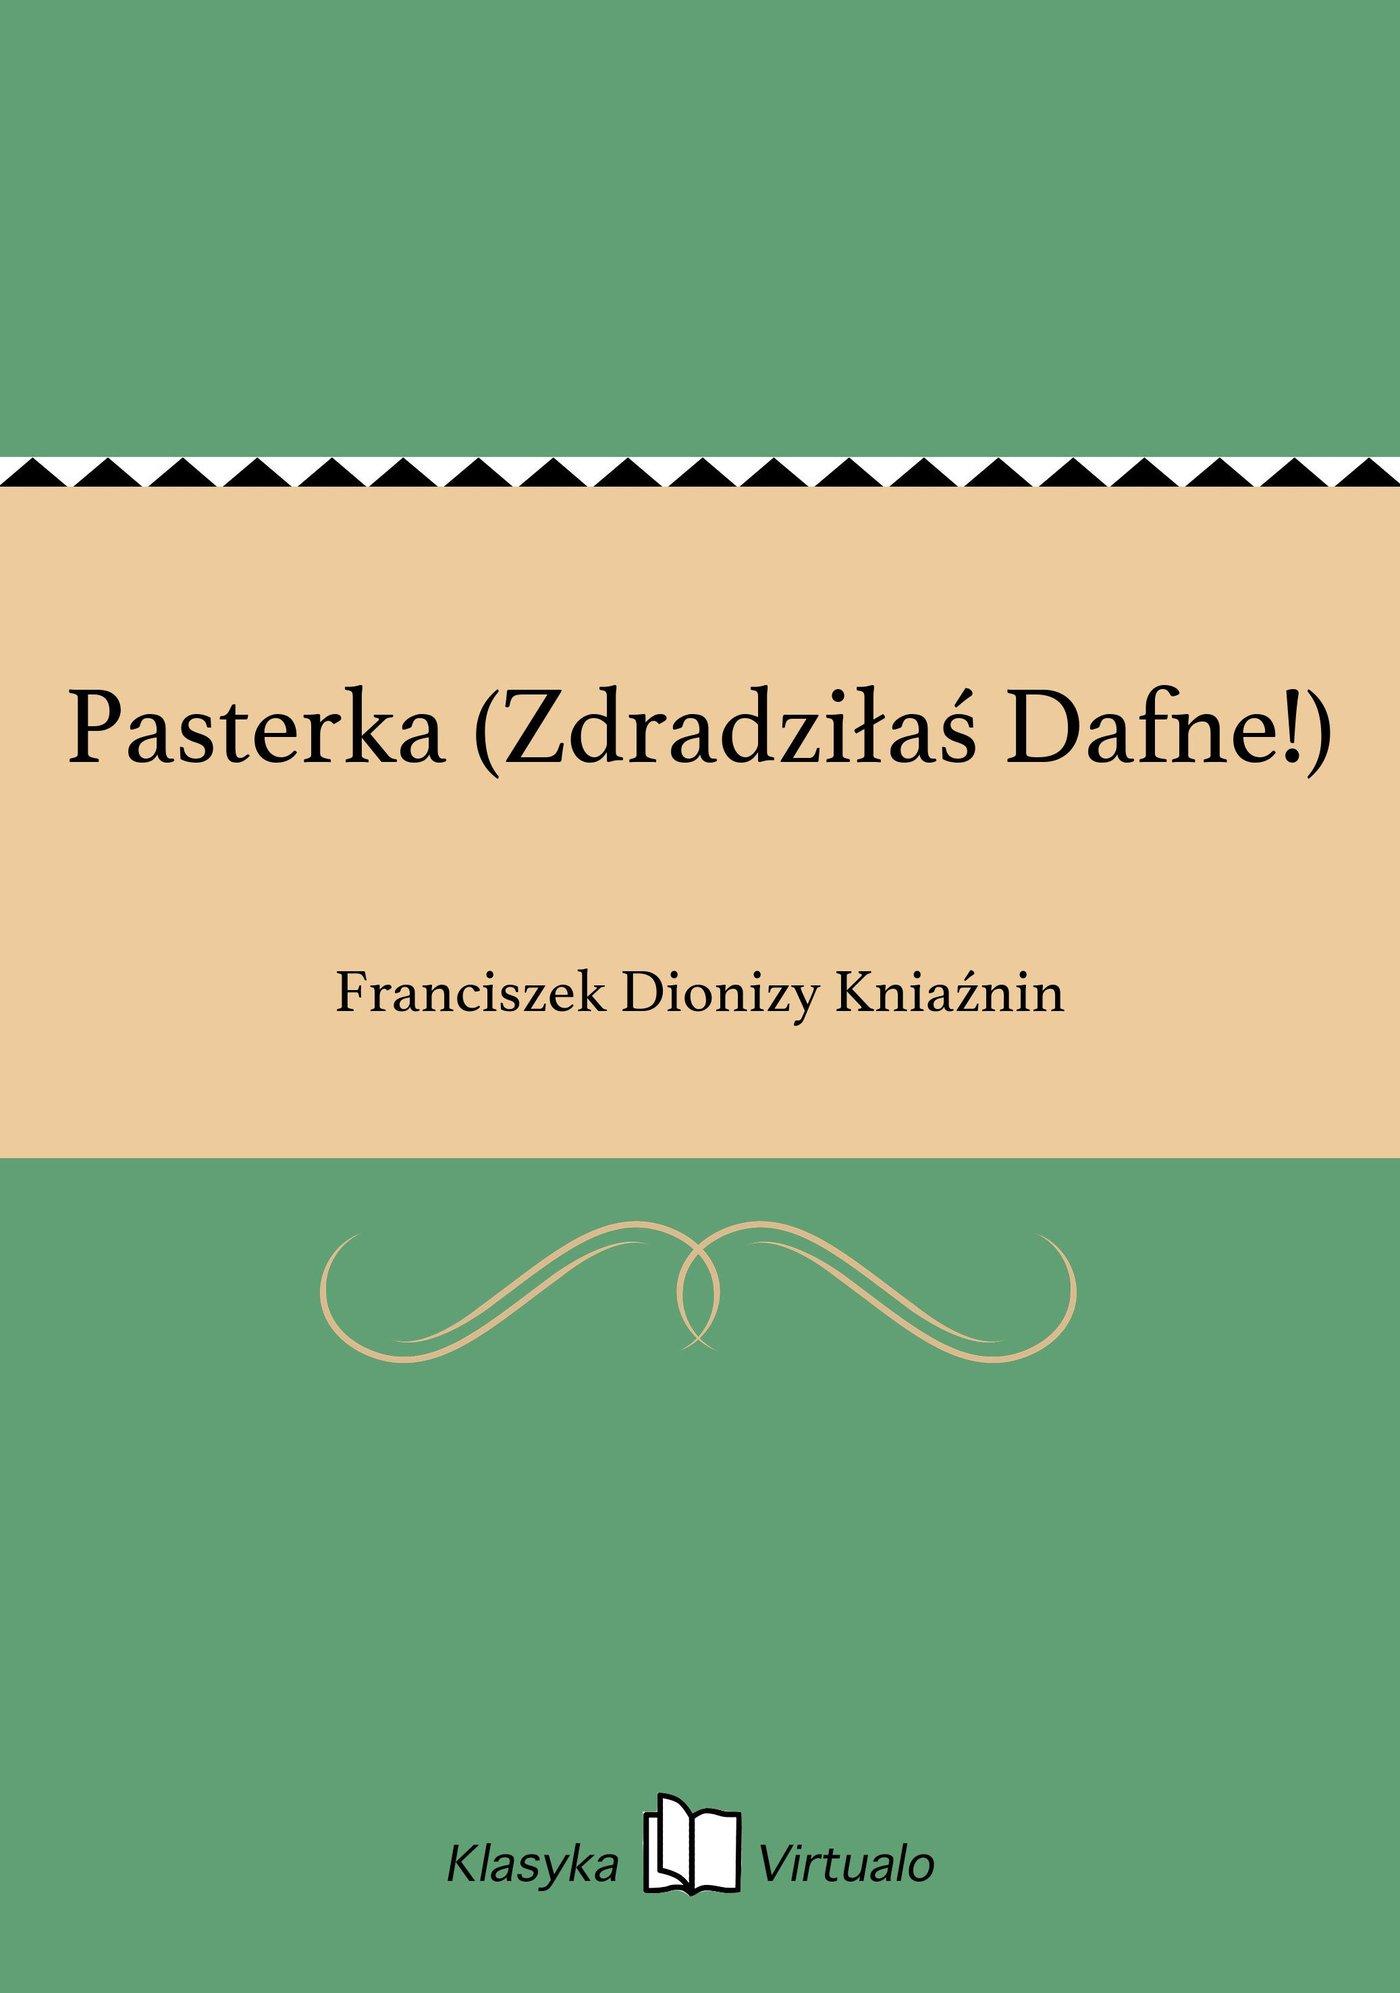 Pasterka (Zdradziłaś Dafne!) - Ebook (Książka EPUB) do pobrania w formacie EPUB